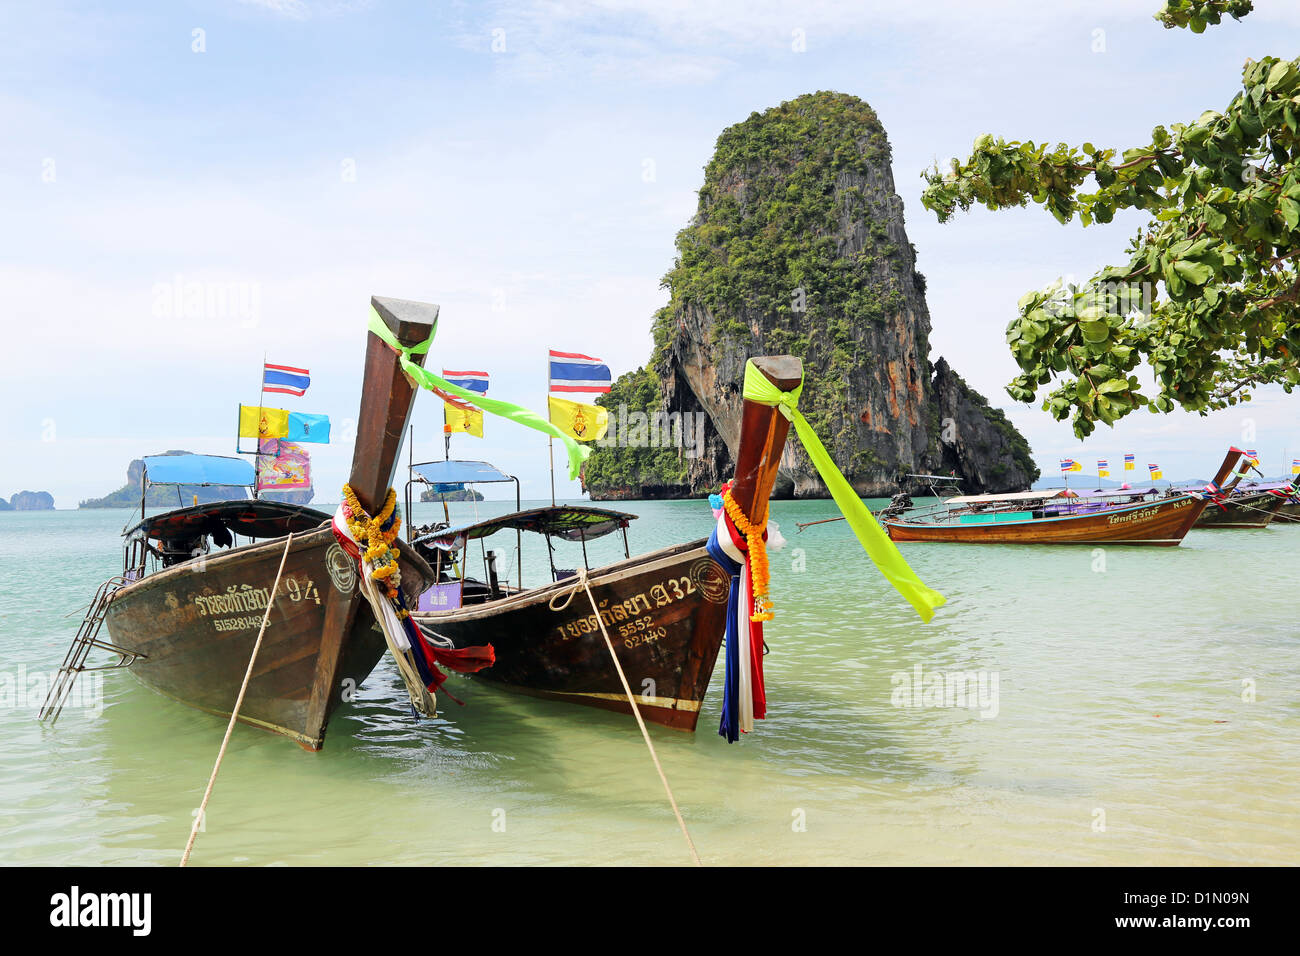 Thai traditionnels bateaux à longue queue Phranang Cave Beach, Railay Beach, Krabi, Phuket, Thailand Photo Stock